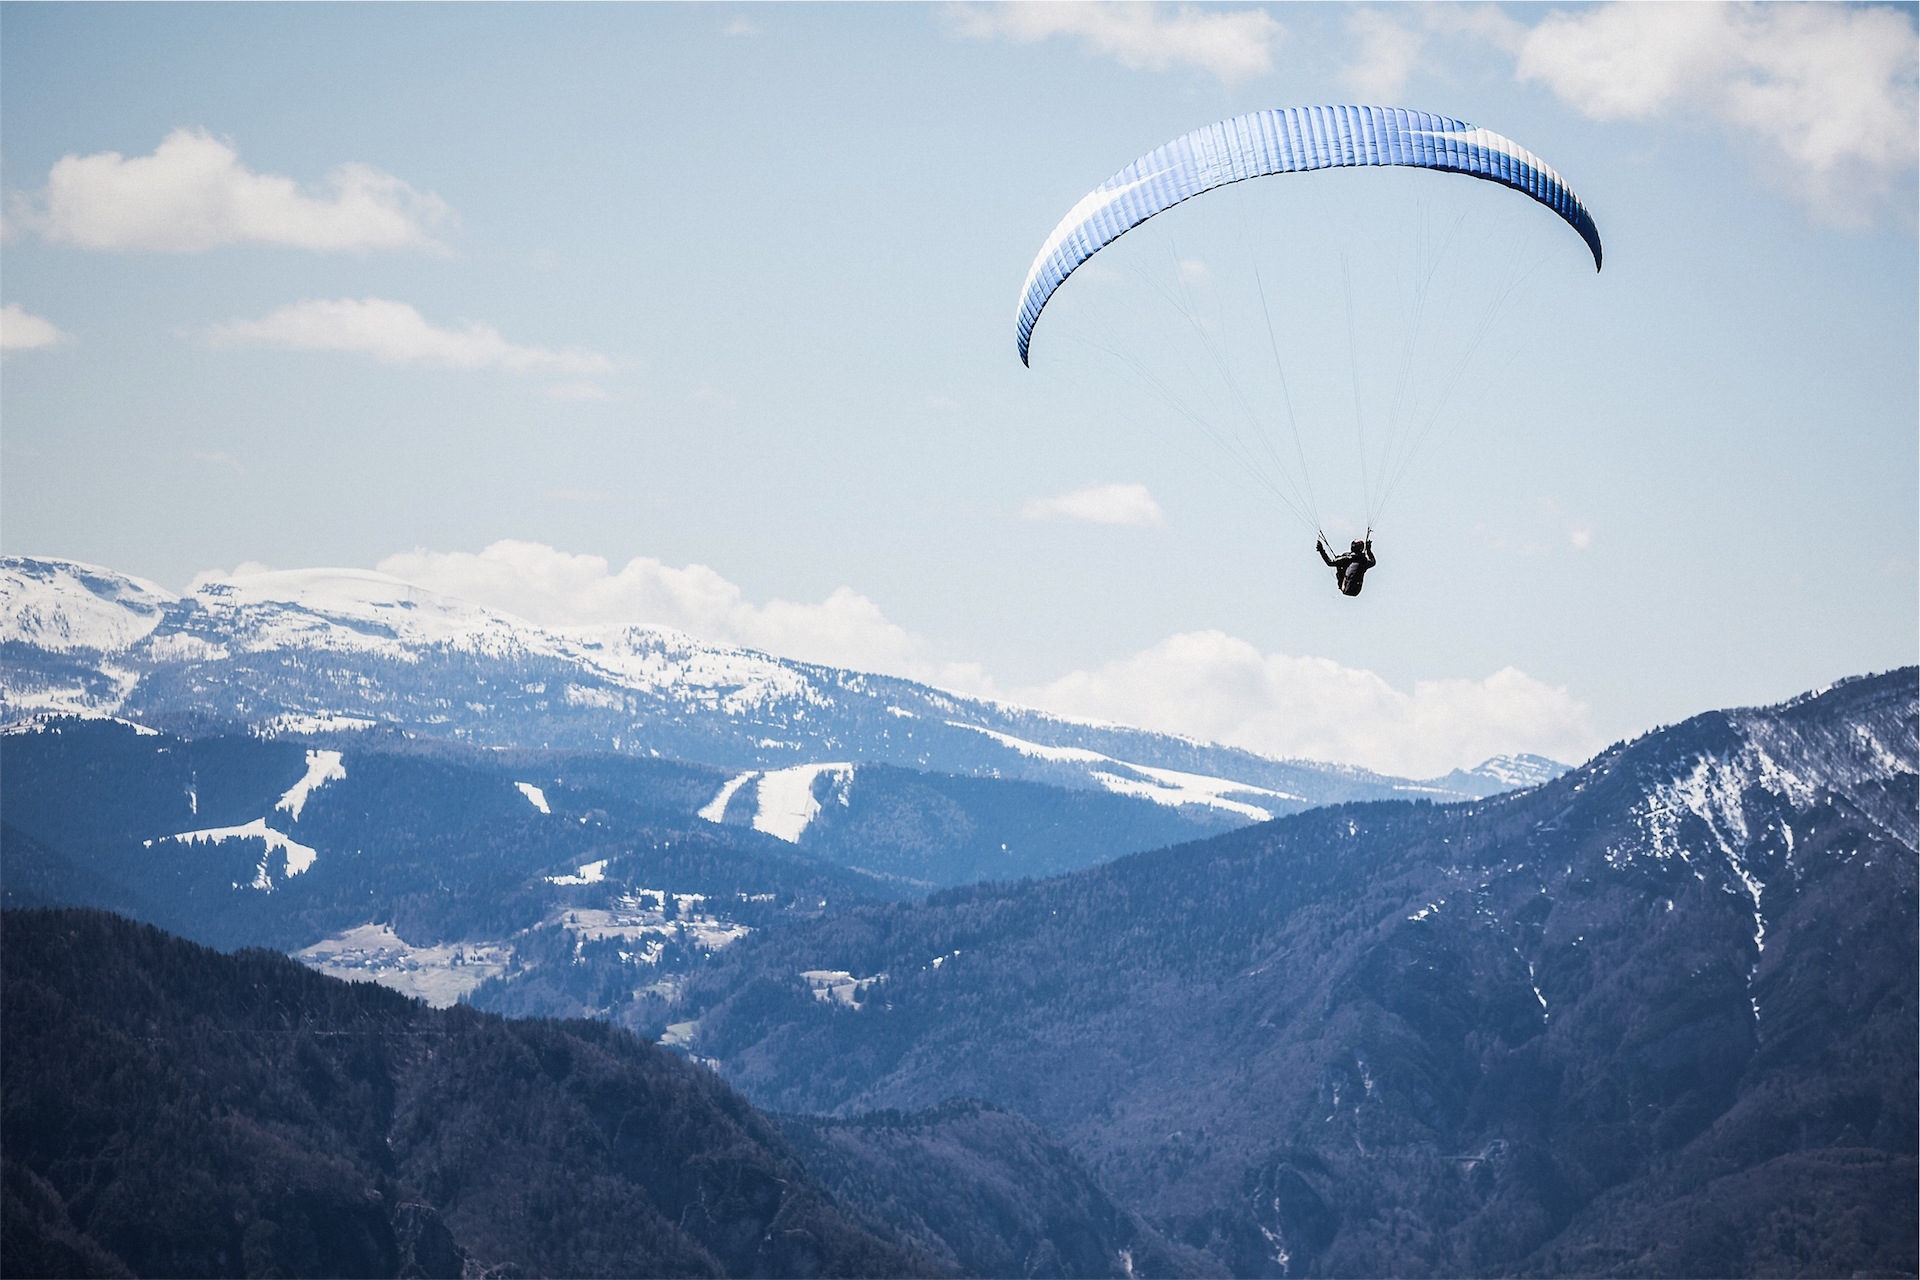 Ελεύθερη πτώση με αλεξίπτωτο, αλεξίπτωτο, μύγα, βουνά, Ουρανός - Wallpapers HD - Professor-falken.com